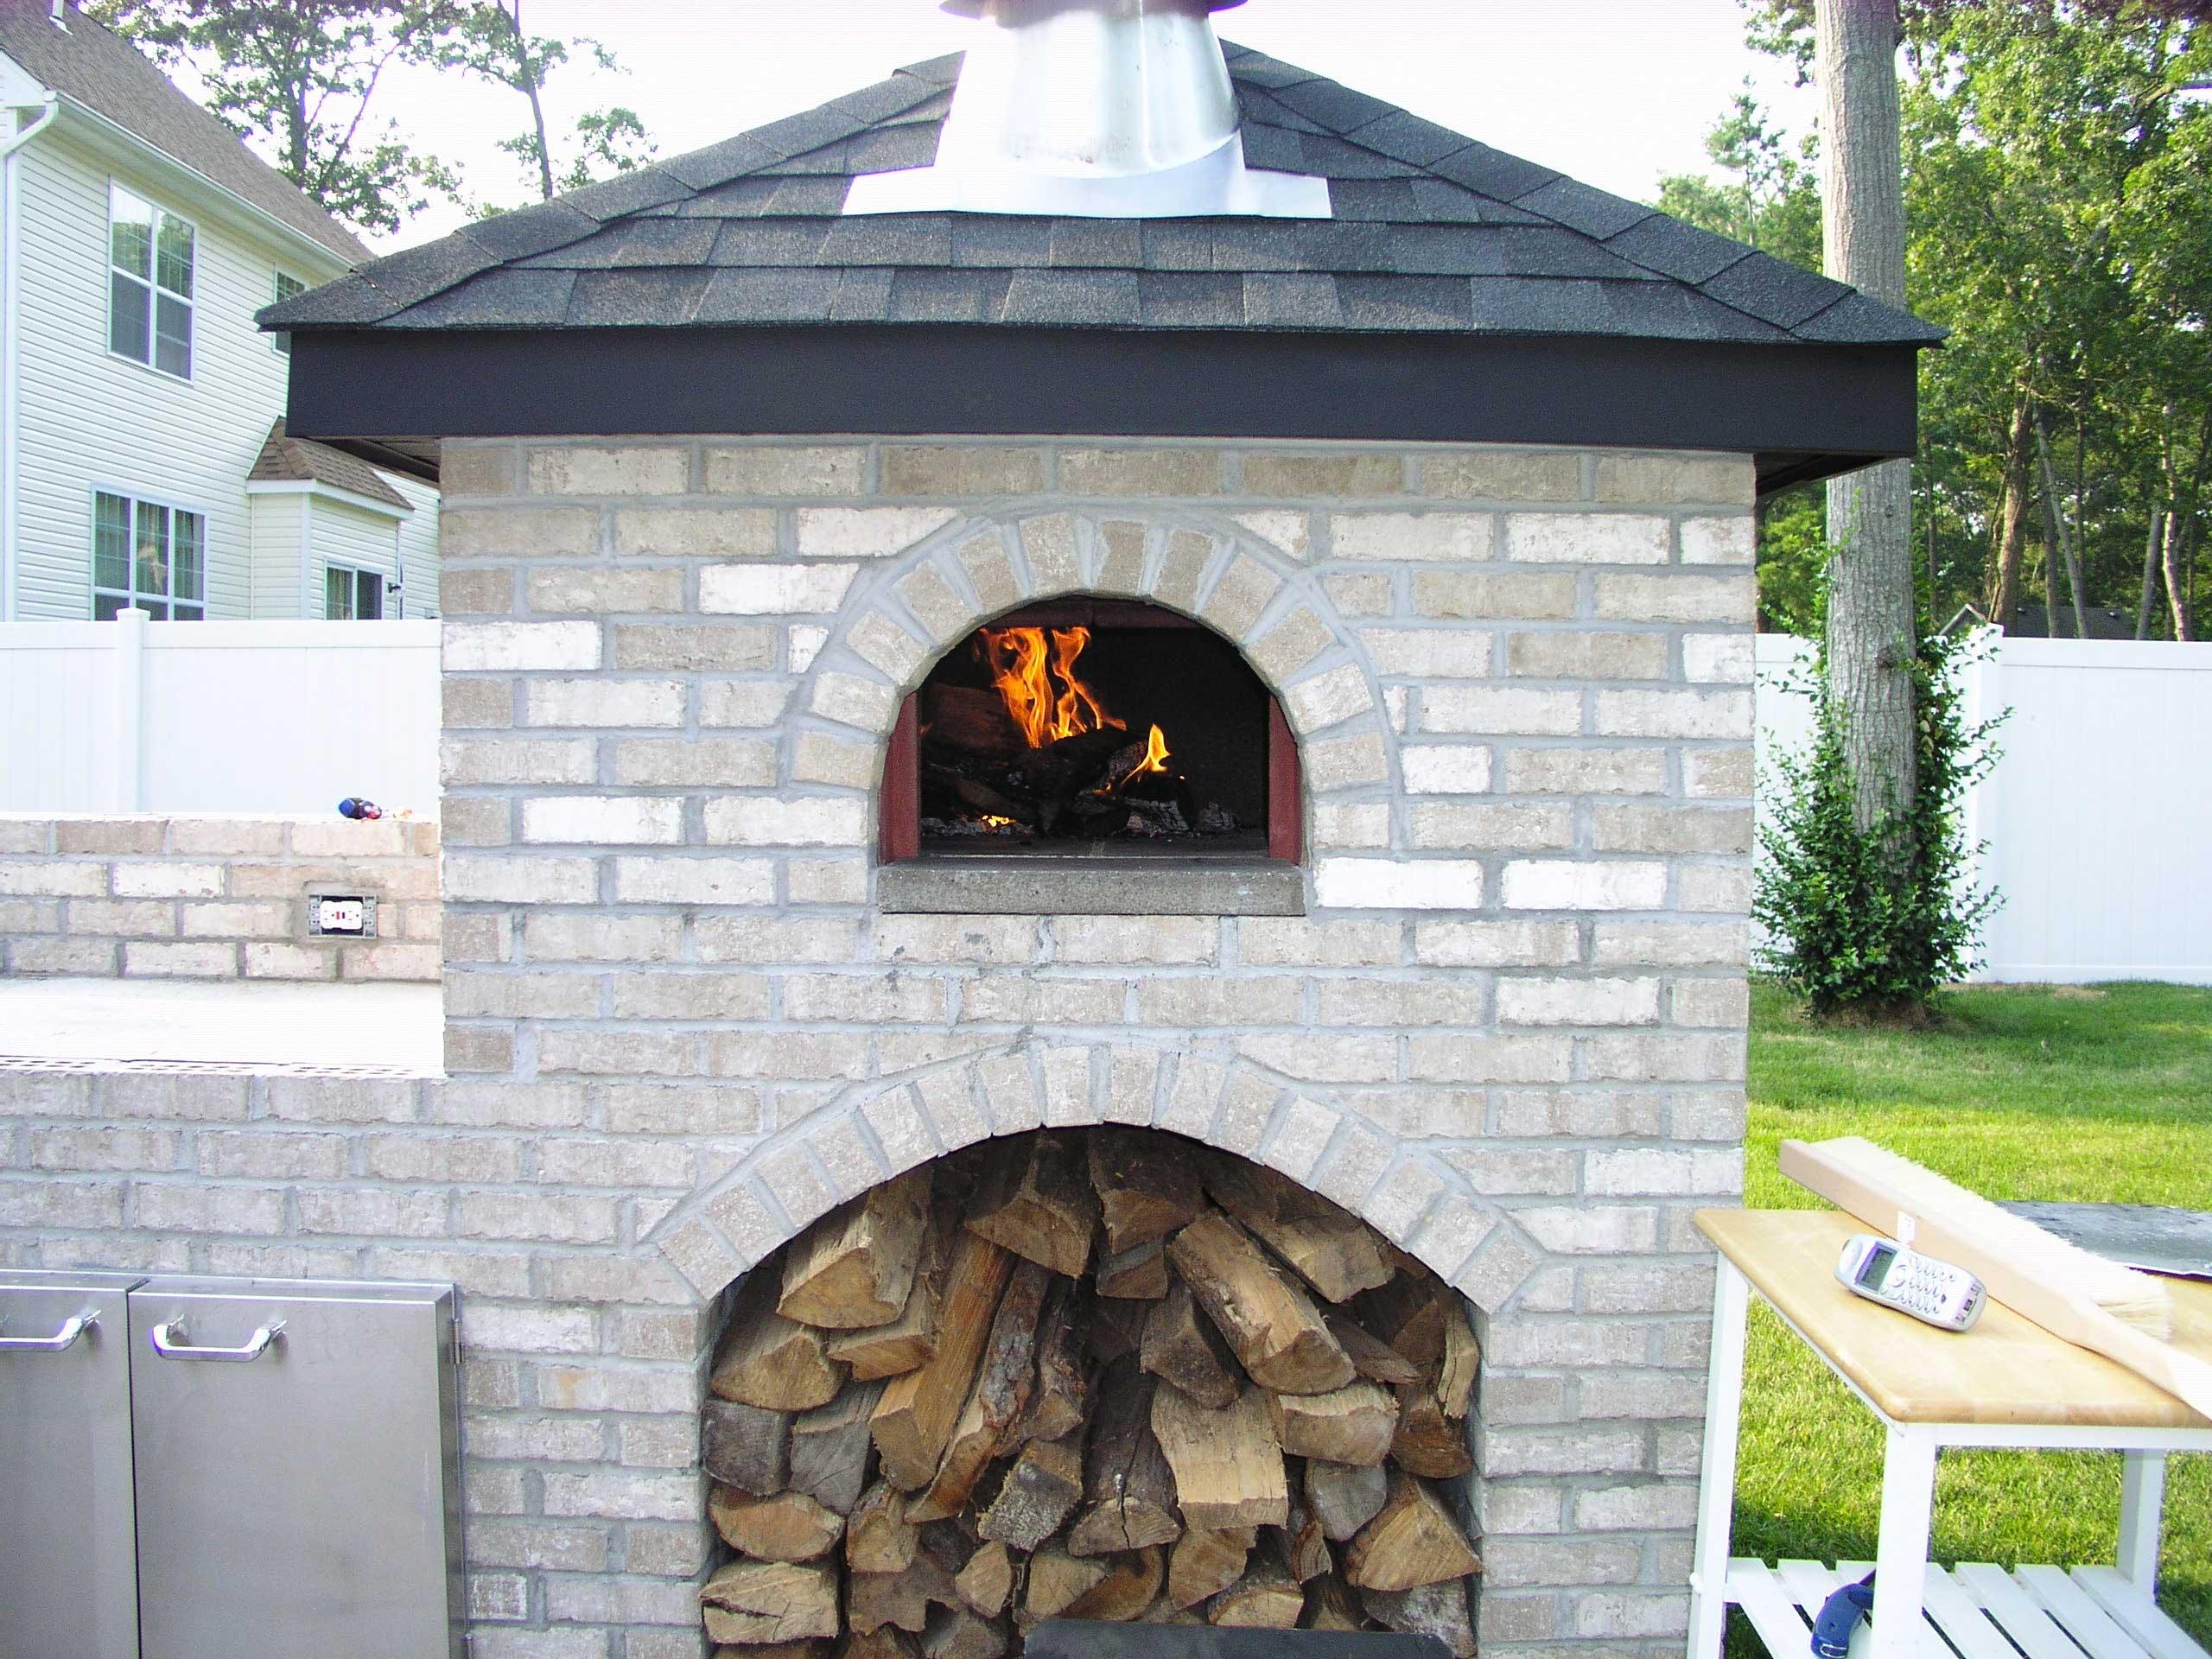 Forno a legna domestico sorrento zio ciro forni a legna all 39 italiana - Forno per pizza domestico ...